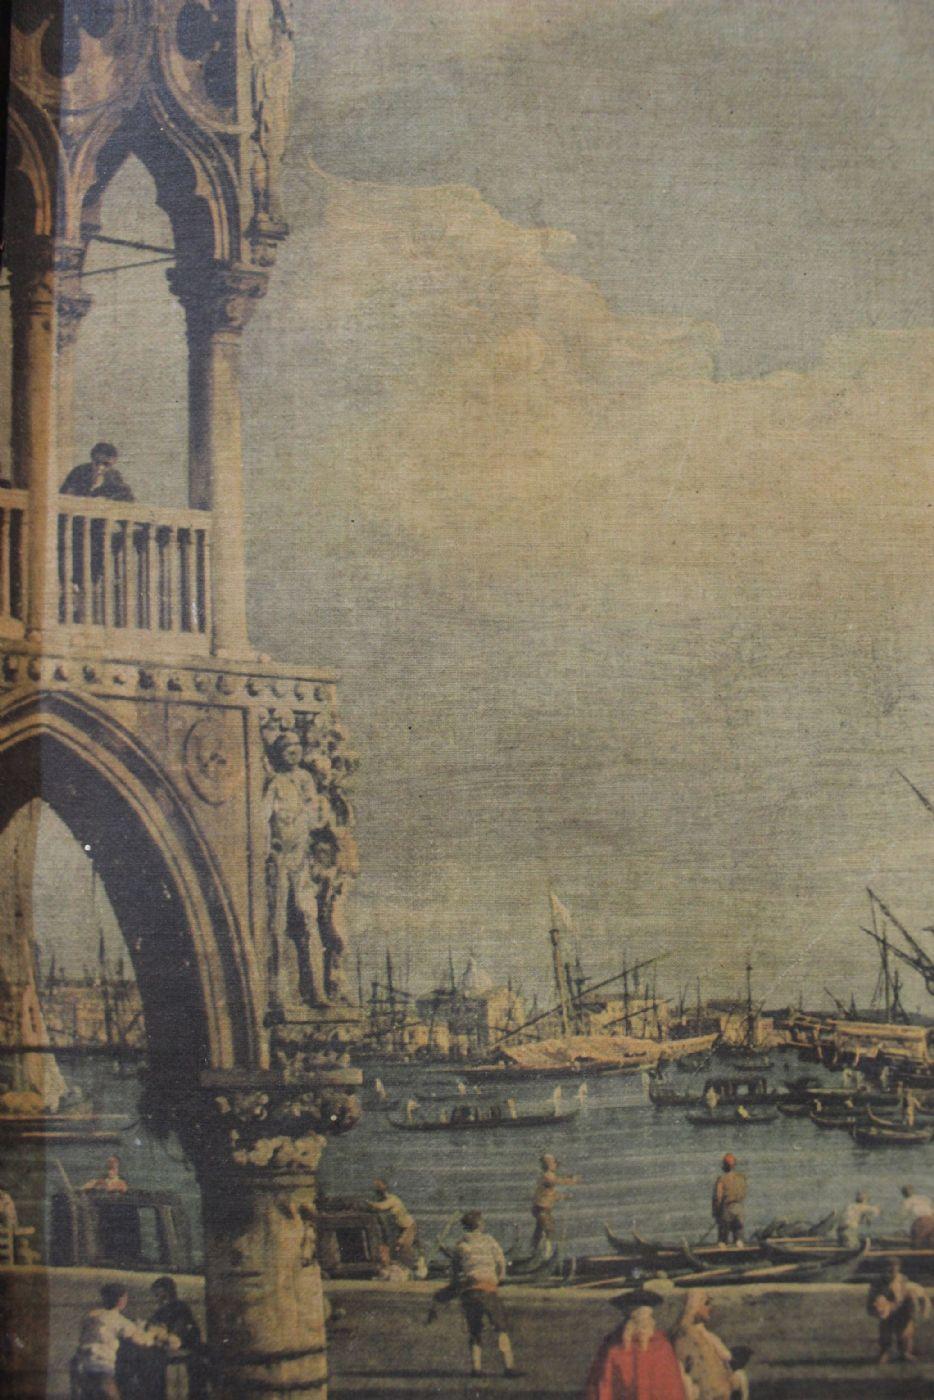 thumb5|Stampa raffigurante veduta di Venezia